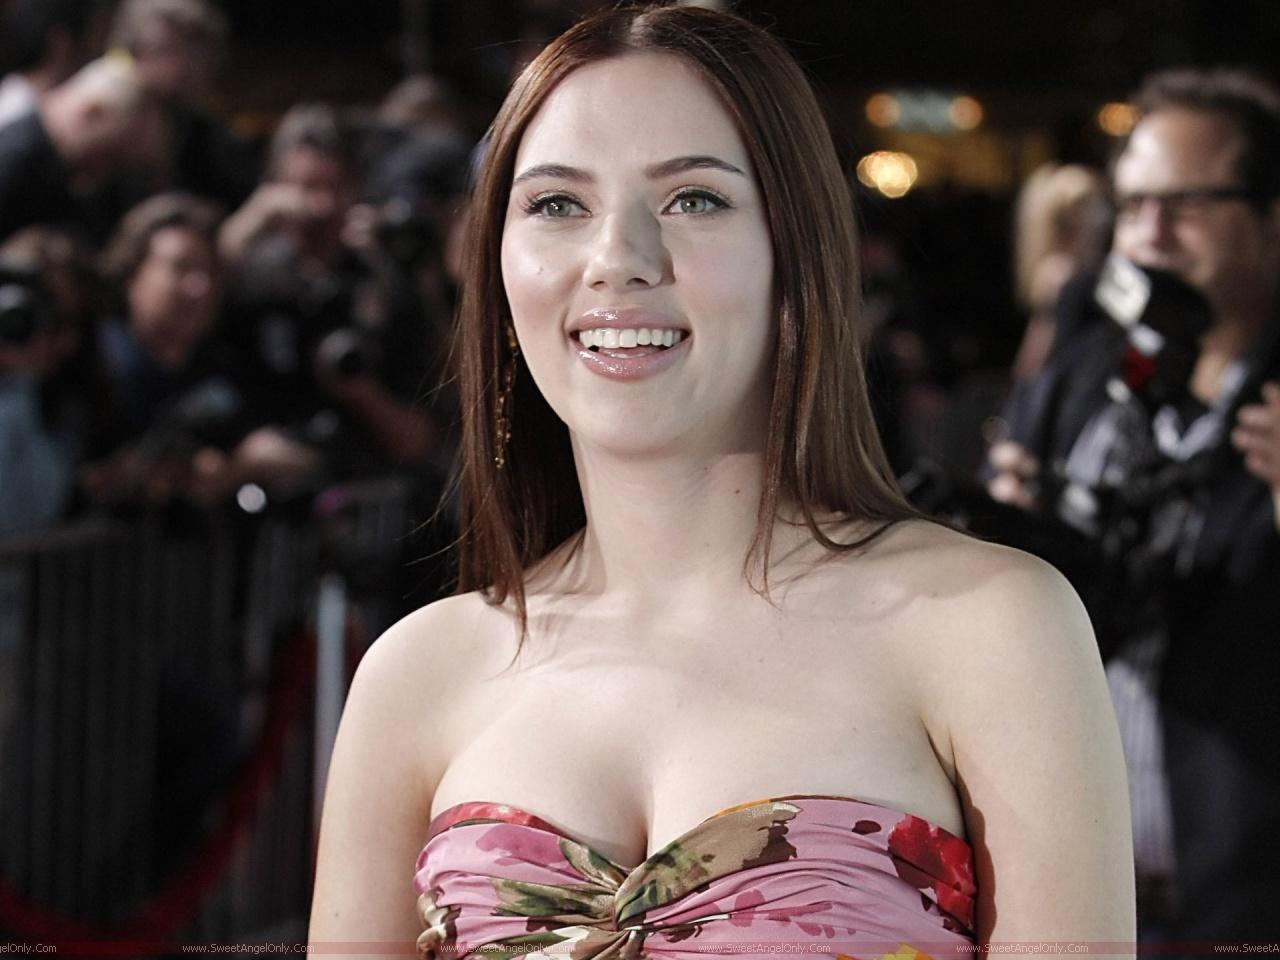 http://1.bp.blogspot.com/-QZDzipUsrag/ThRyHbsNj-I/AAAAAAAAHkw/zB7VN_0OIig/s1600/Scarlett_Johansson_super_model.jpg